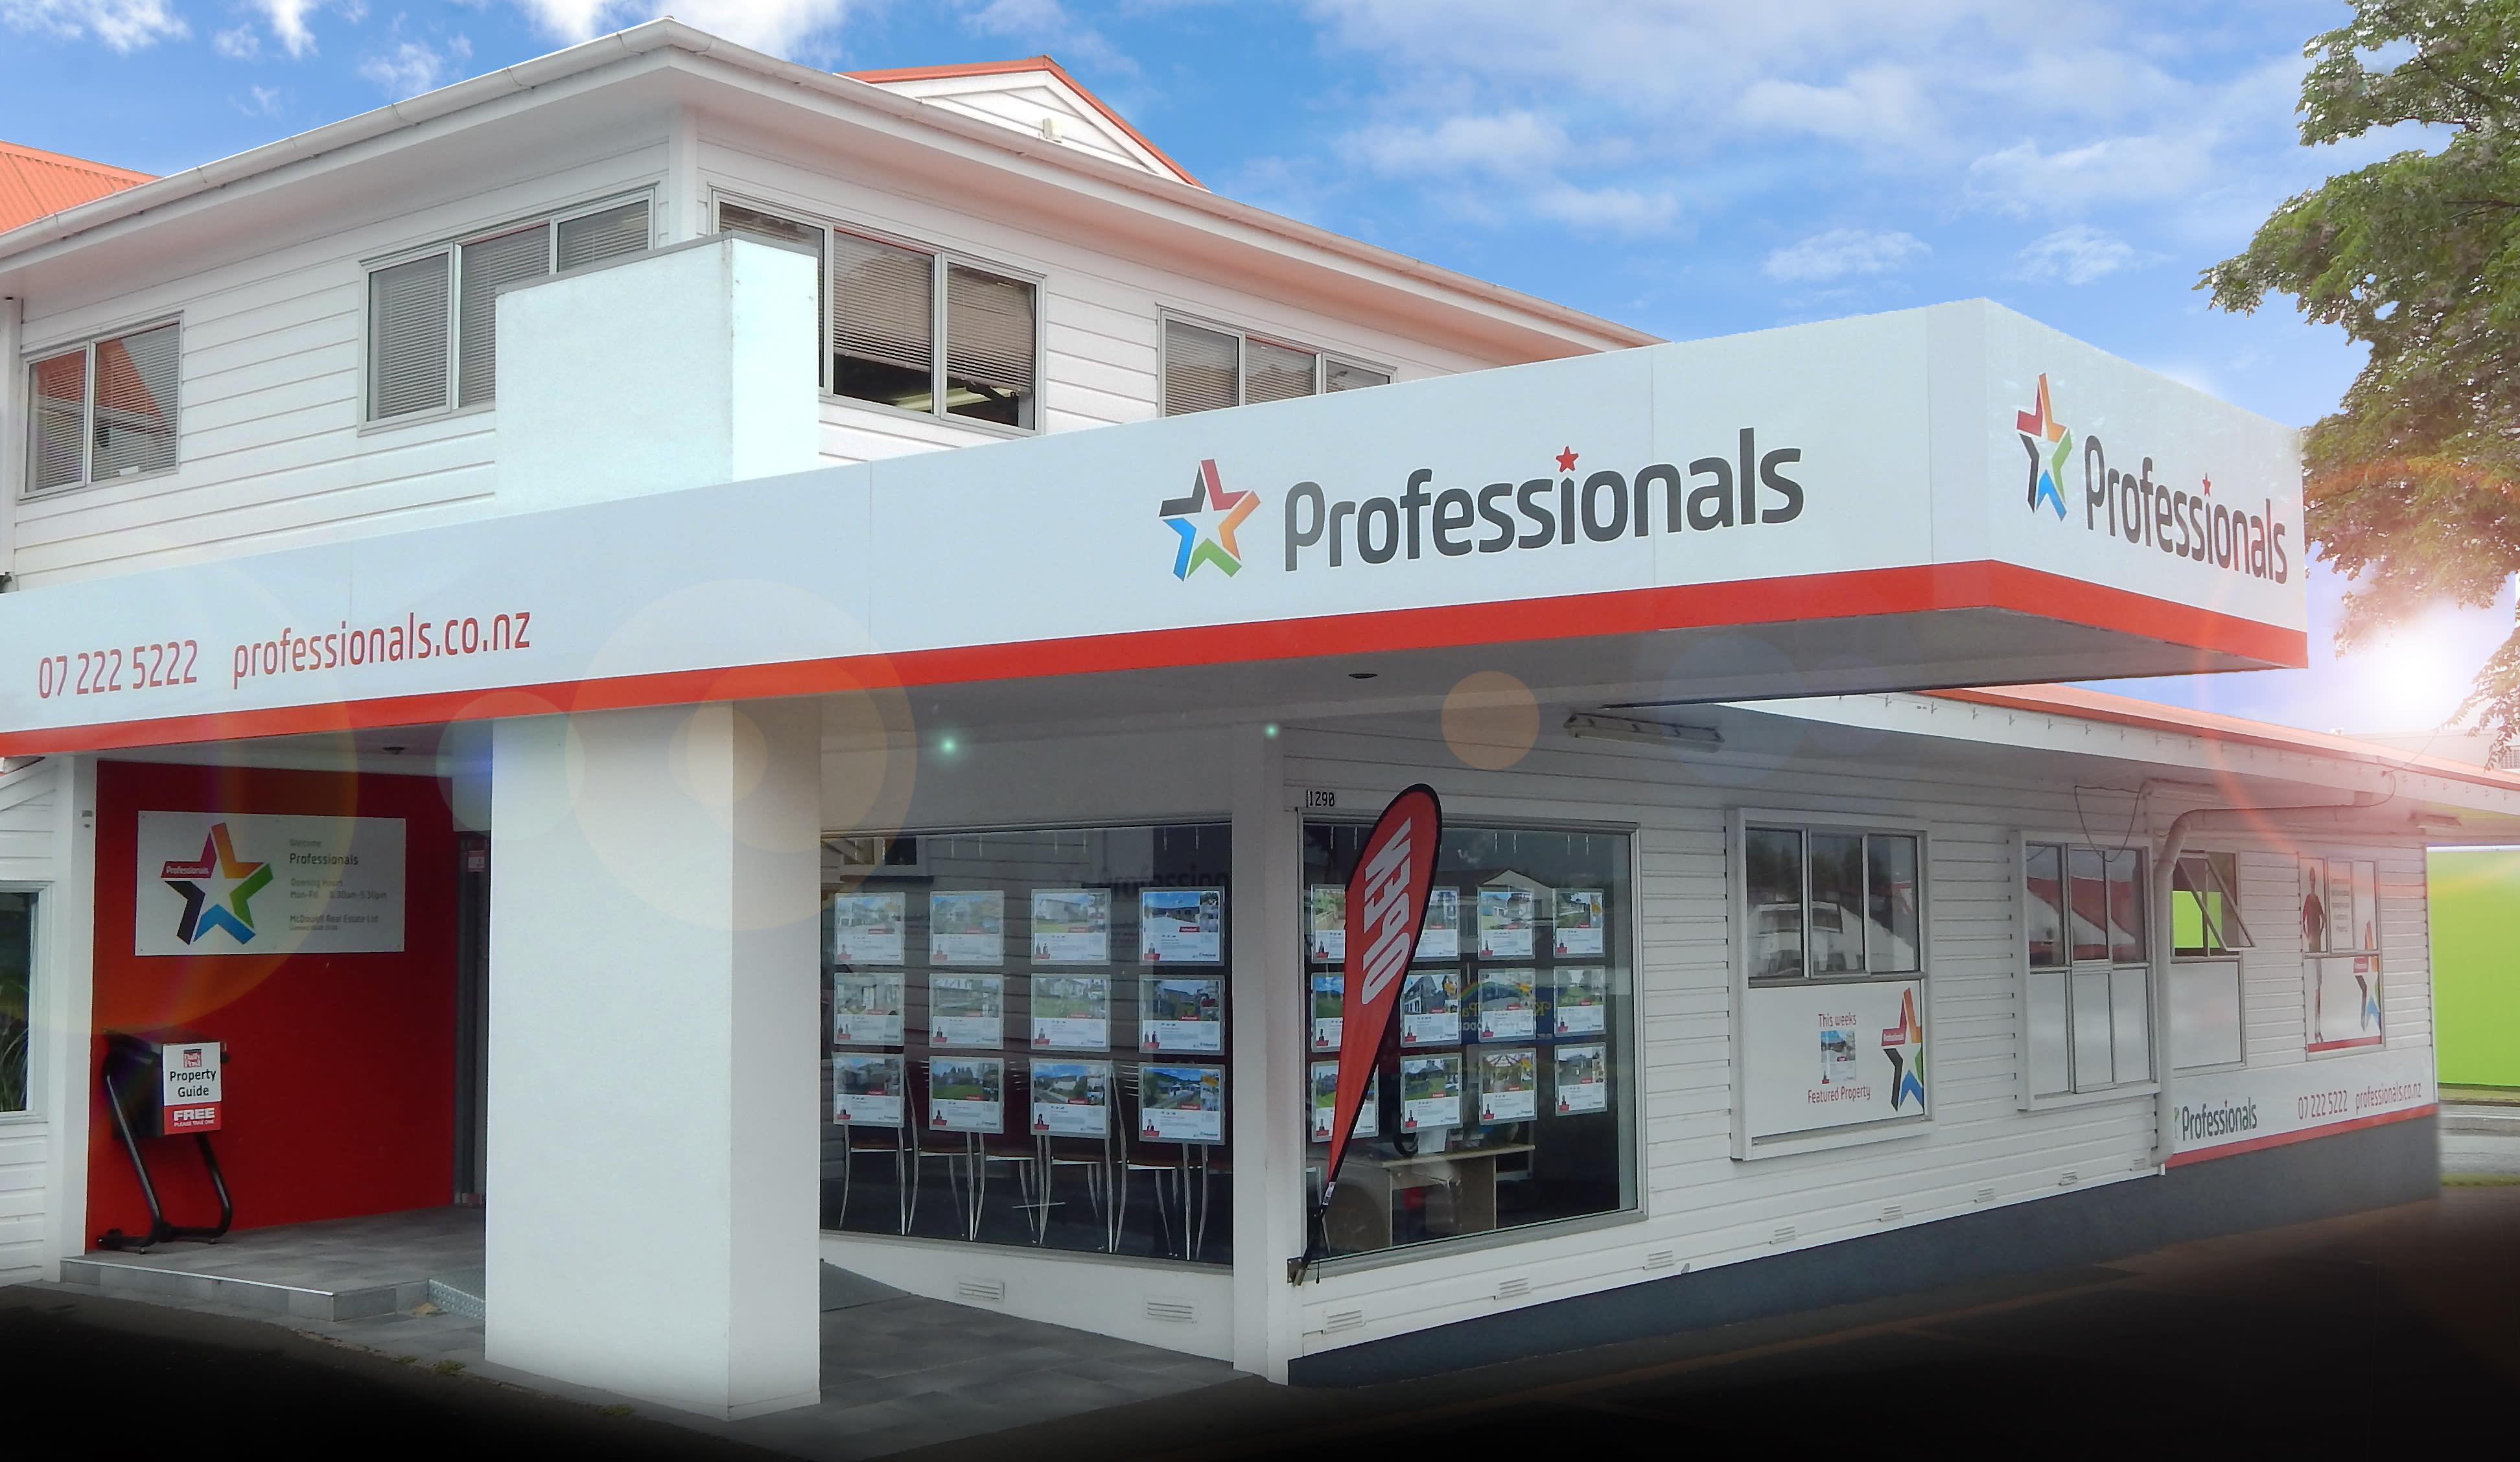 Professionals - Rotorua